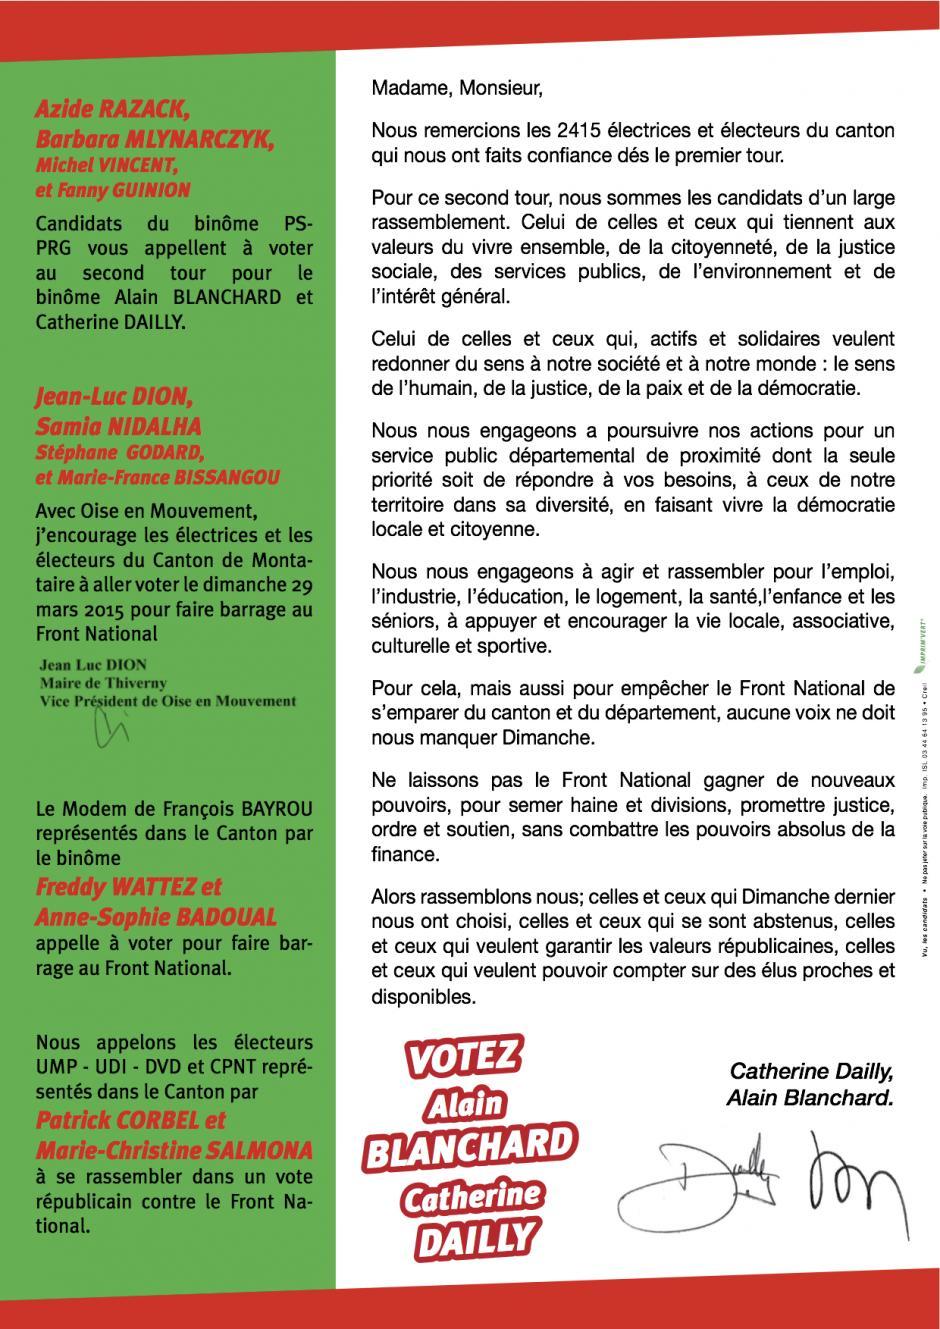 Circulaire d'Alain Blanchard et Catherine Dailly (verso) - 2nd tour des élections départementales